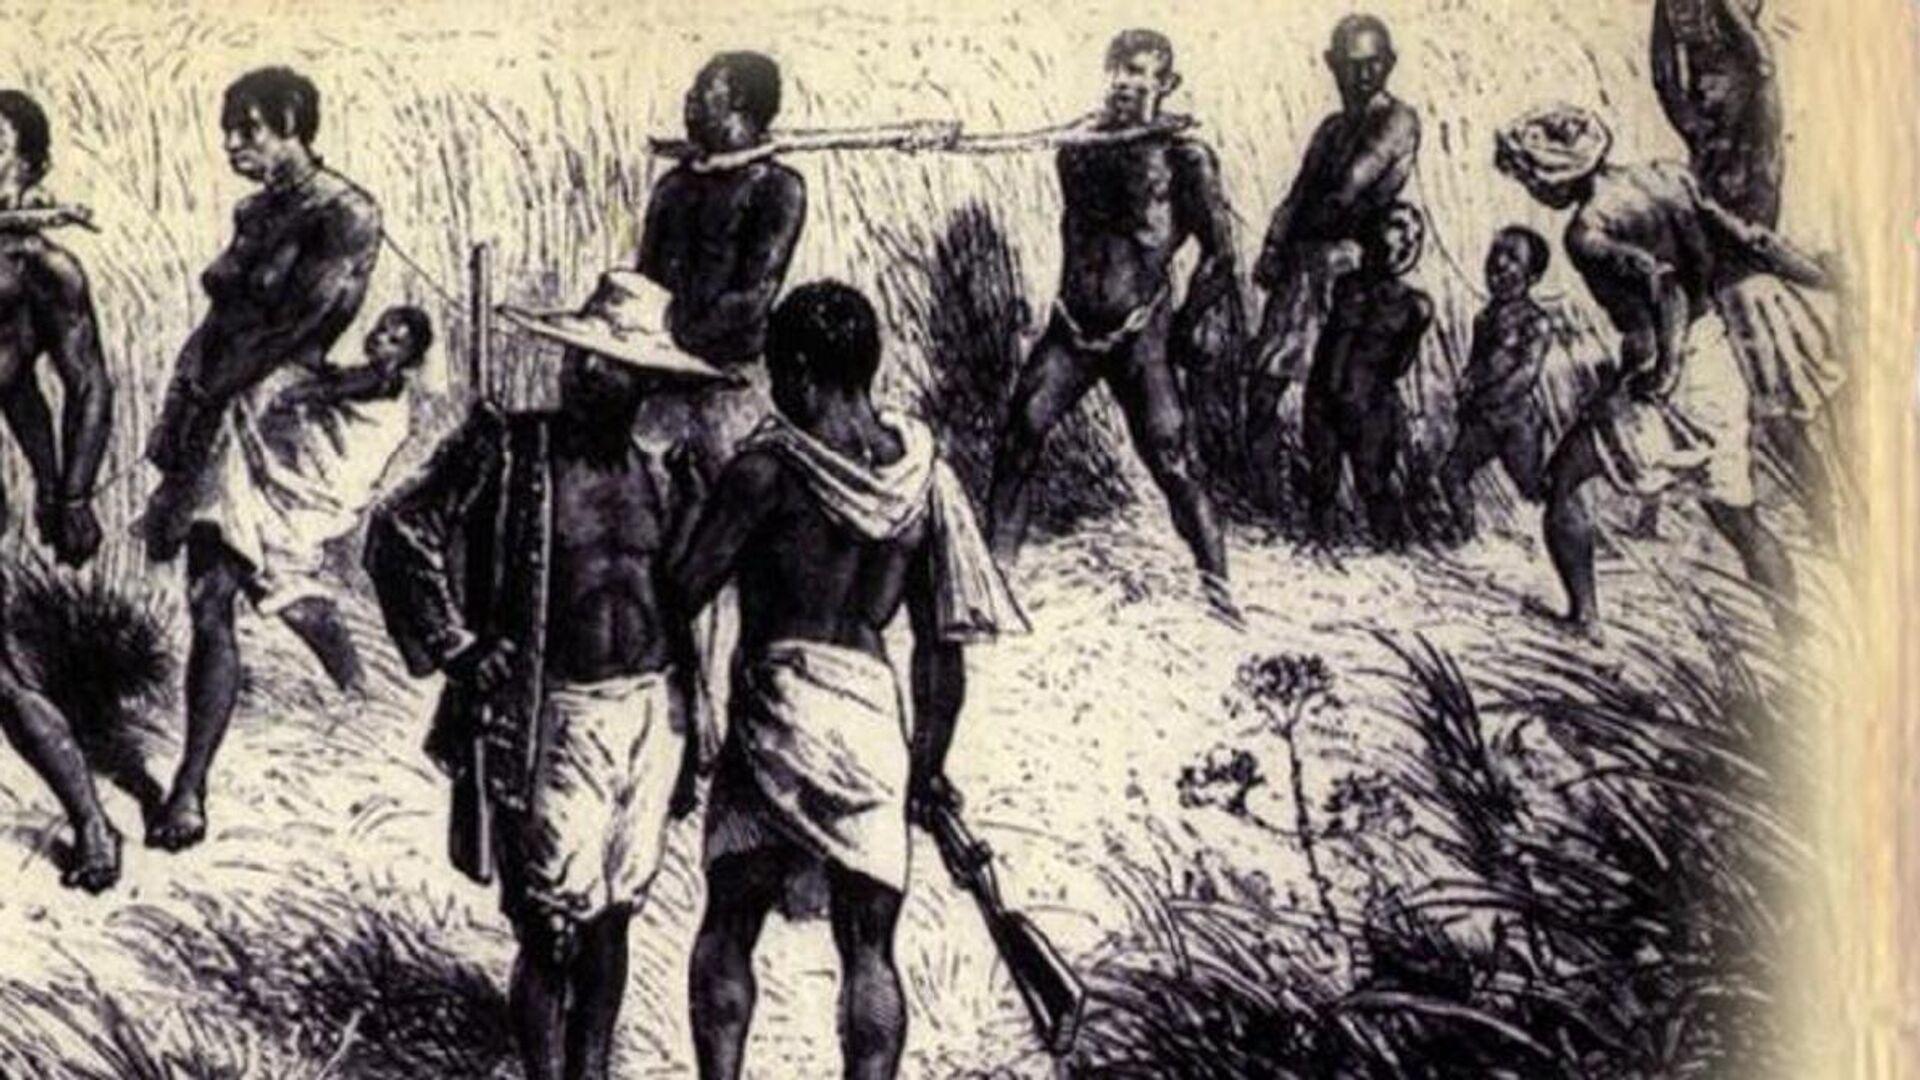 Grabado de la esclavitud - Sputnik Mundo, 1920, 23.08.2021